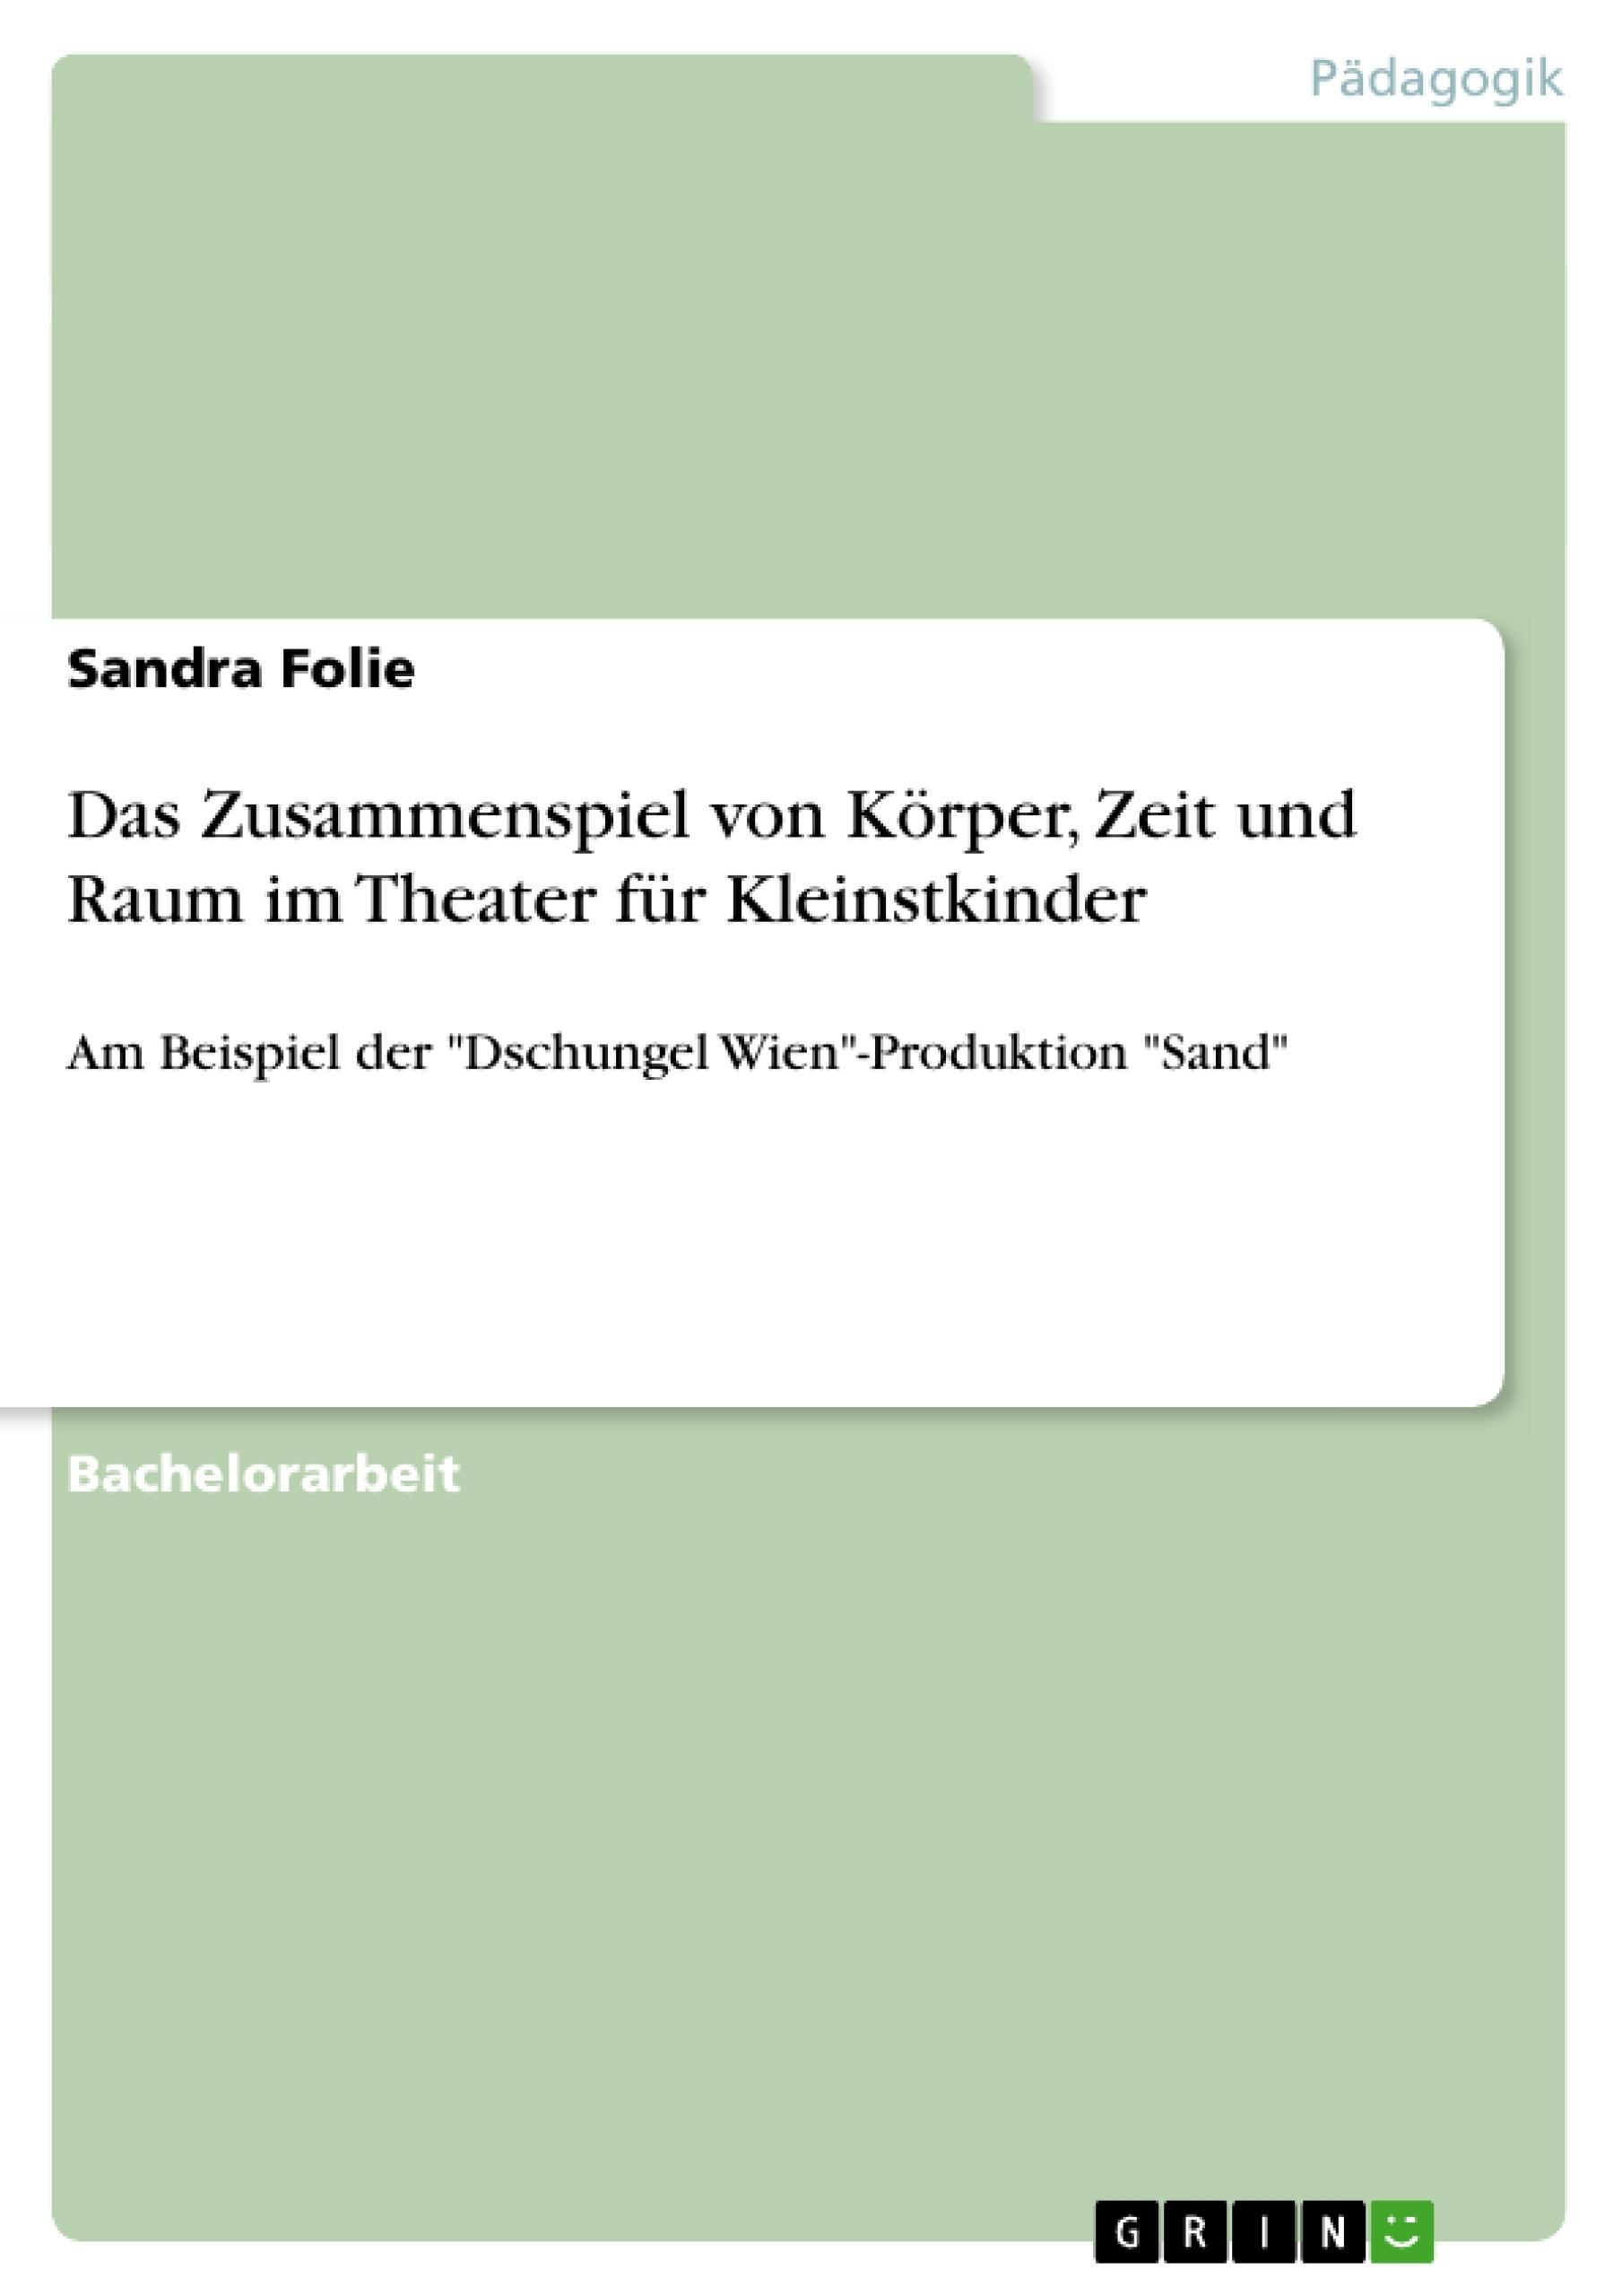 Titel: Das Zusammenspiel von Körper, Zeit und Raum im Theater für Kleinstkinder